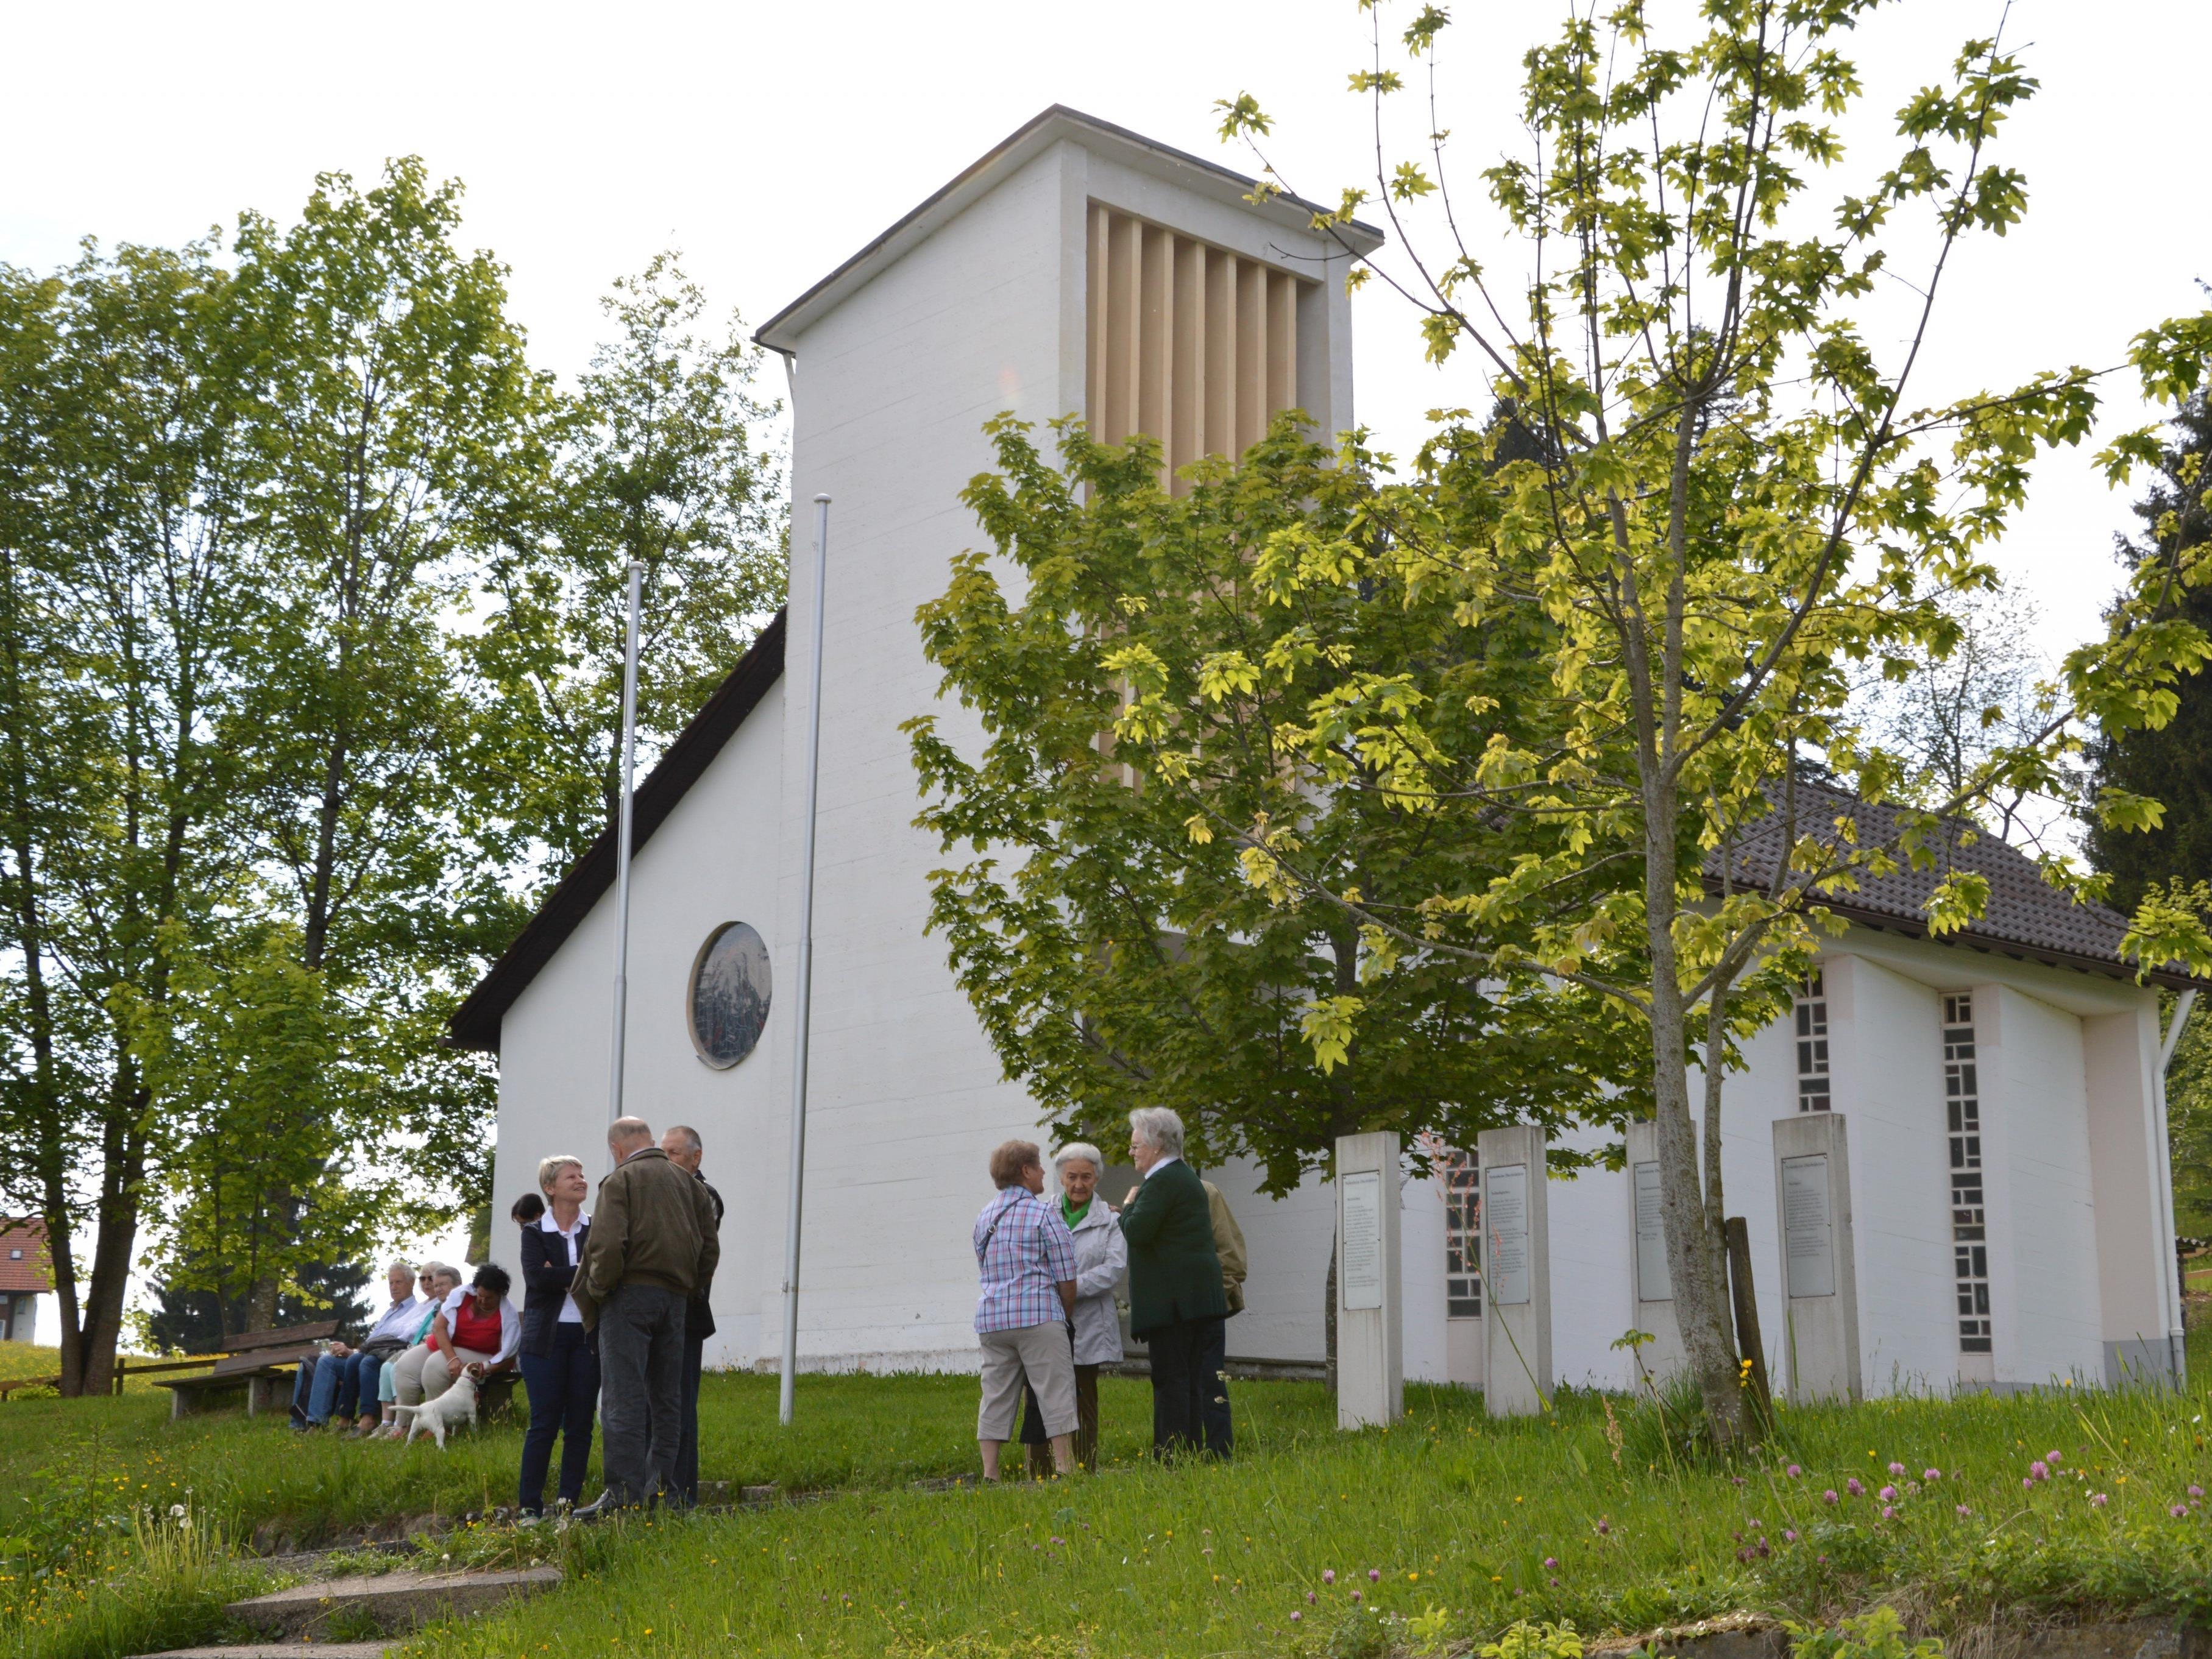 Der Feriensiedlungsverein Lustenau-Oberbildstein lädt zur Maiandacht in die Schutzengelkapelle (erbaut 1961)  ein.